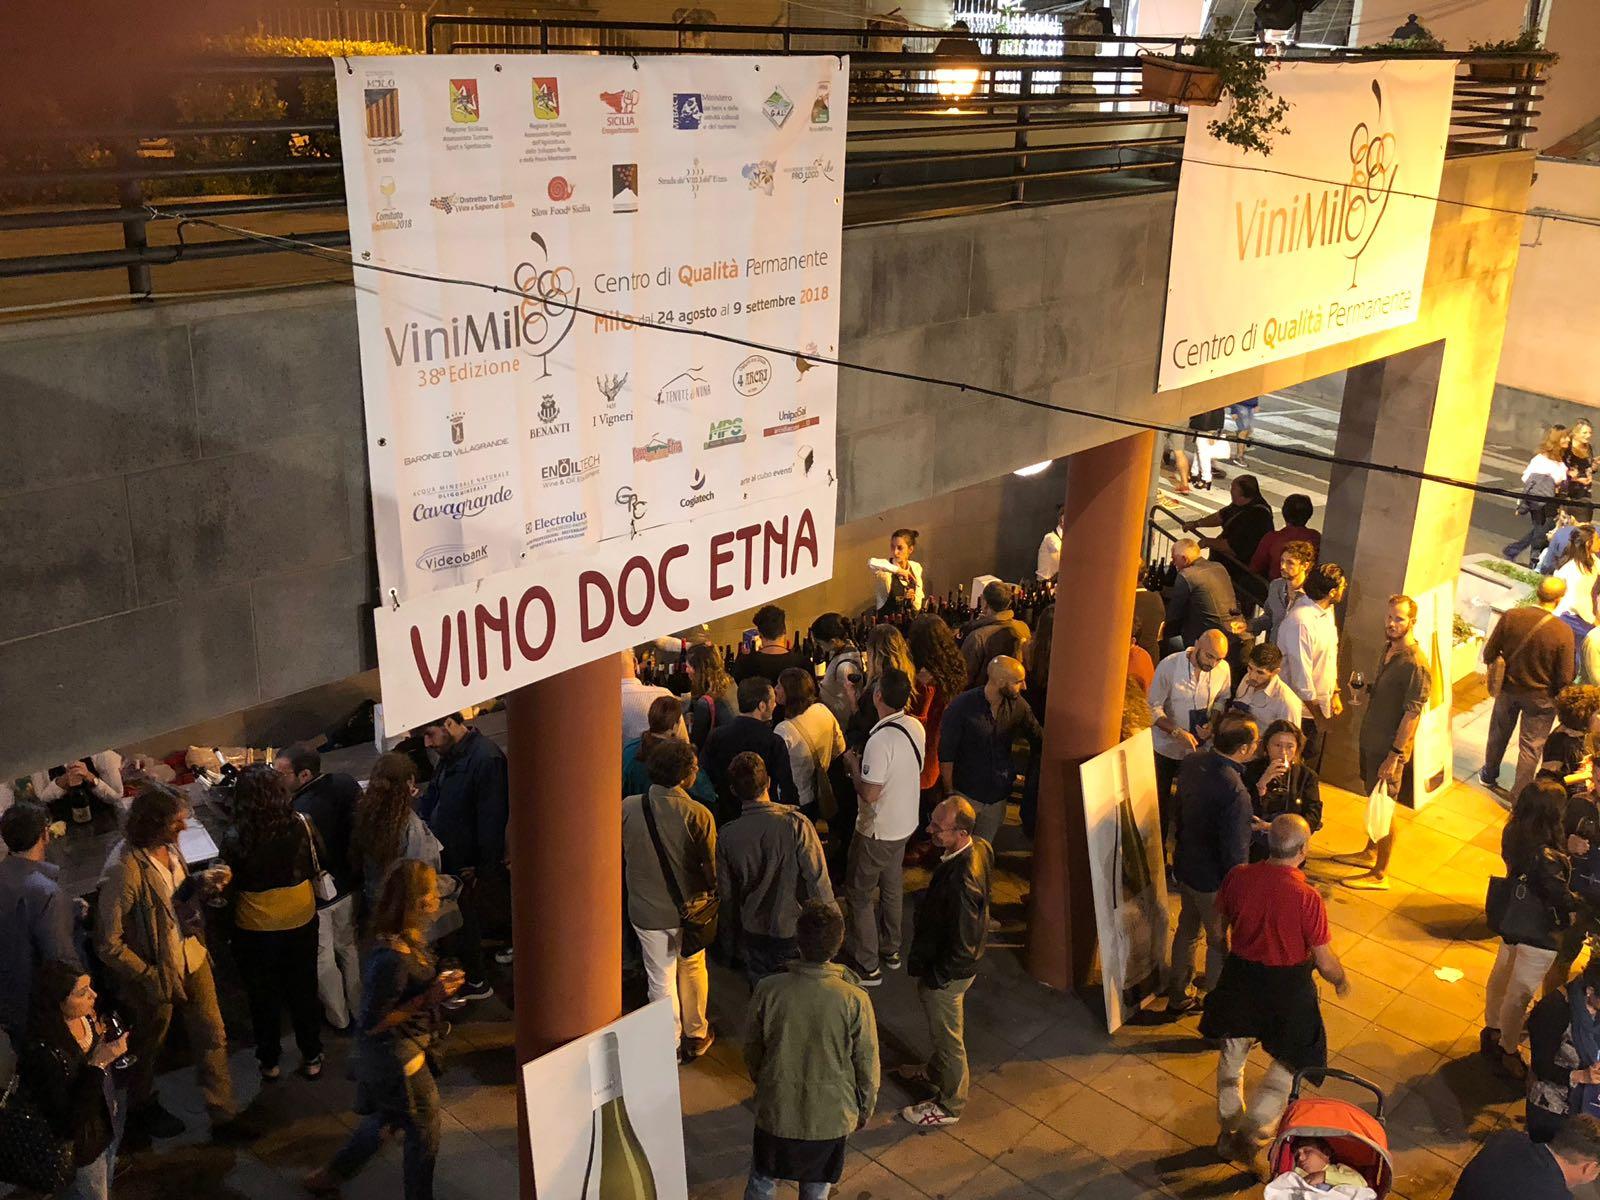 #VINIMILO2018, Enoteca (oltre 100 etichette DOC Etna)